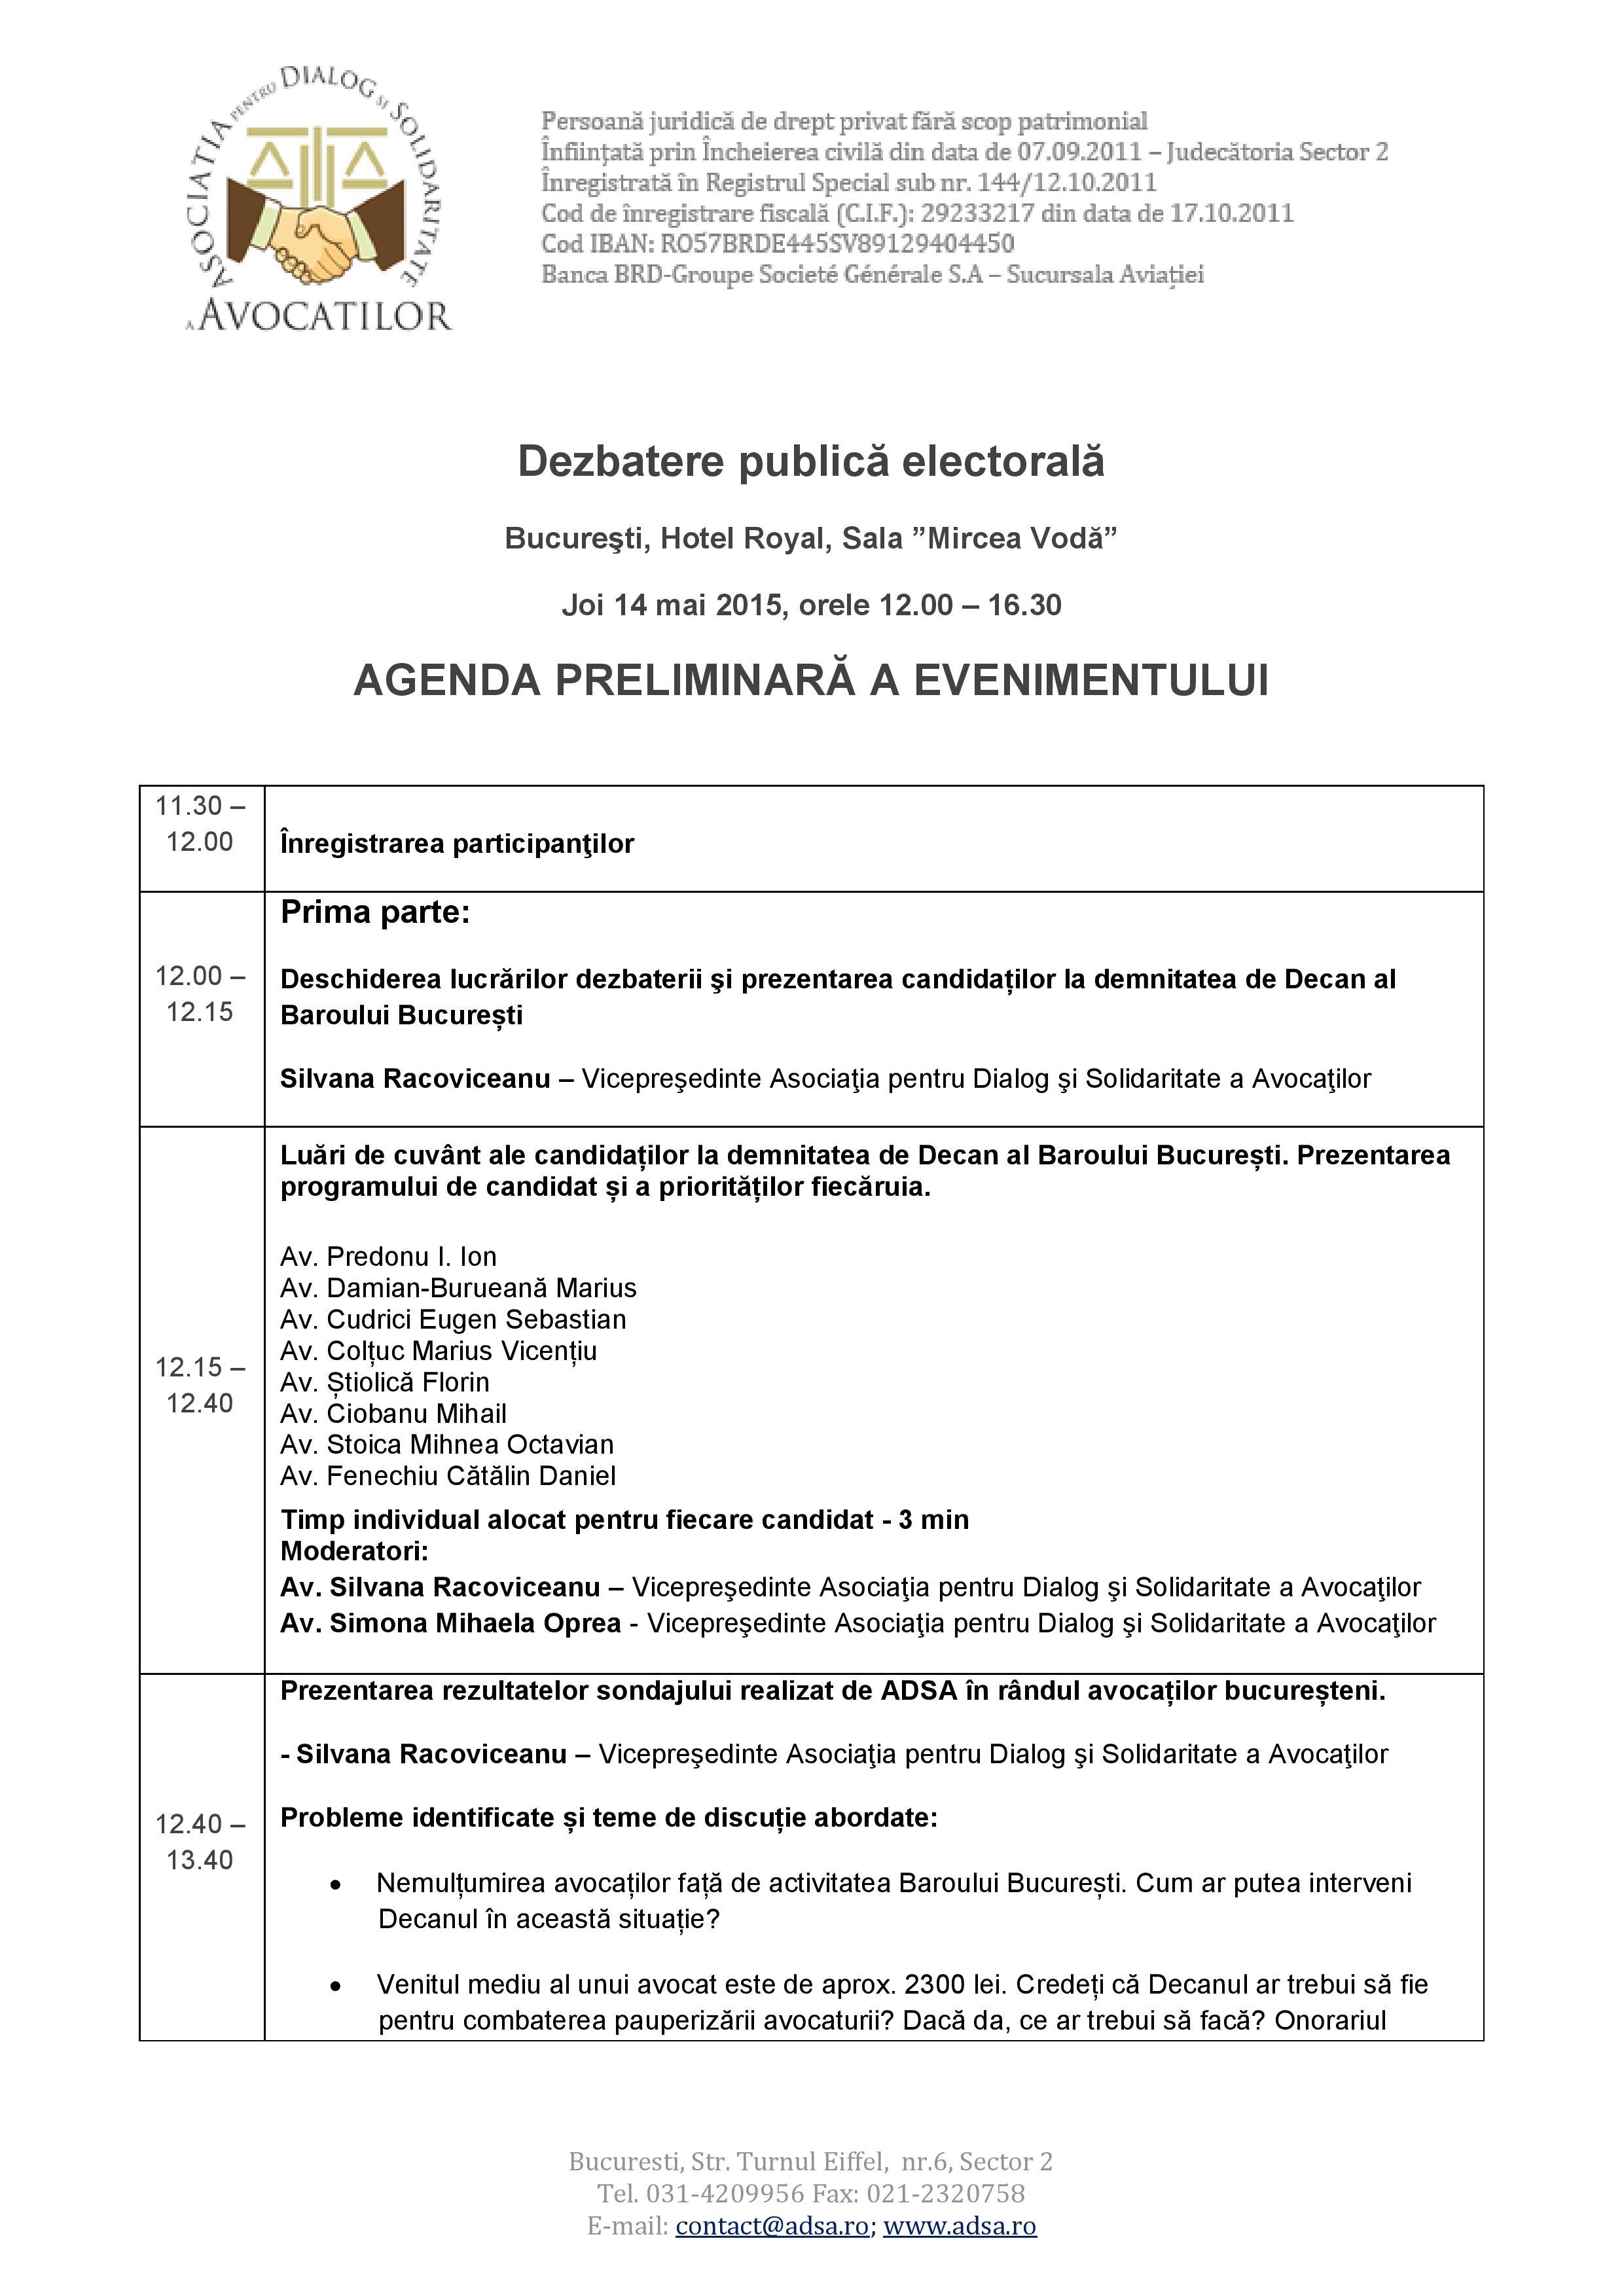 Agenda_finala_Dezbatere_14_mai_2015-page-001